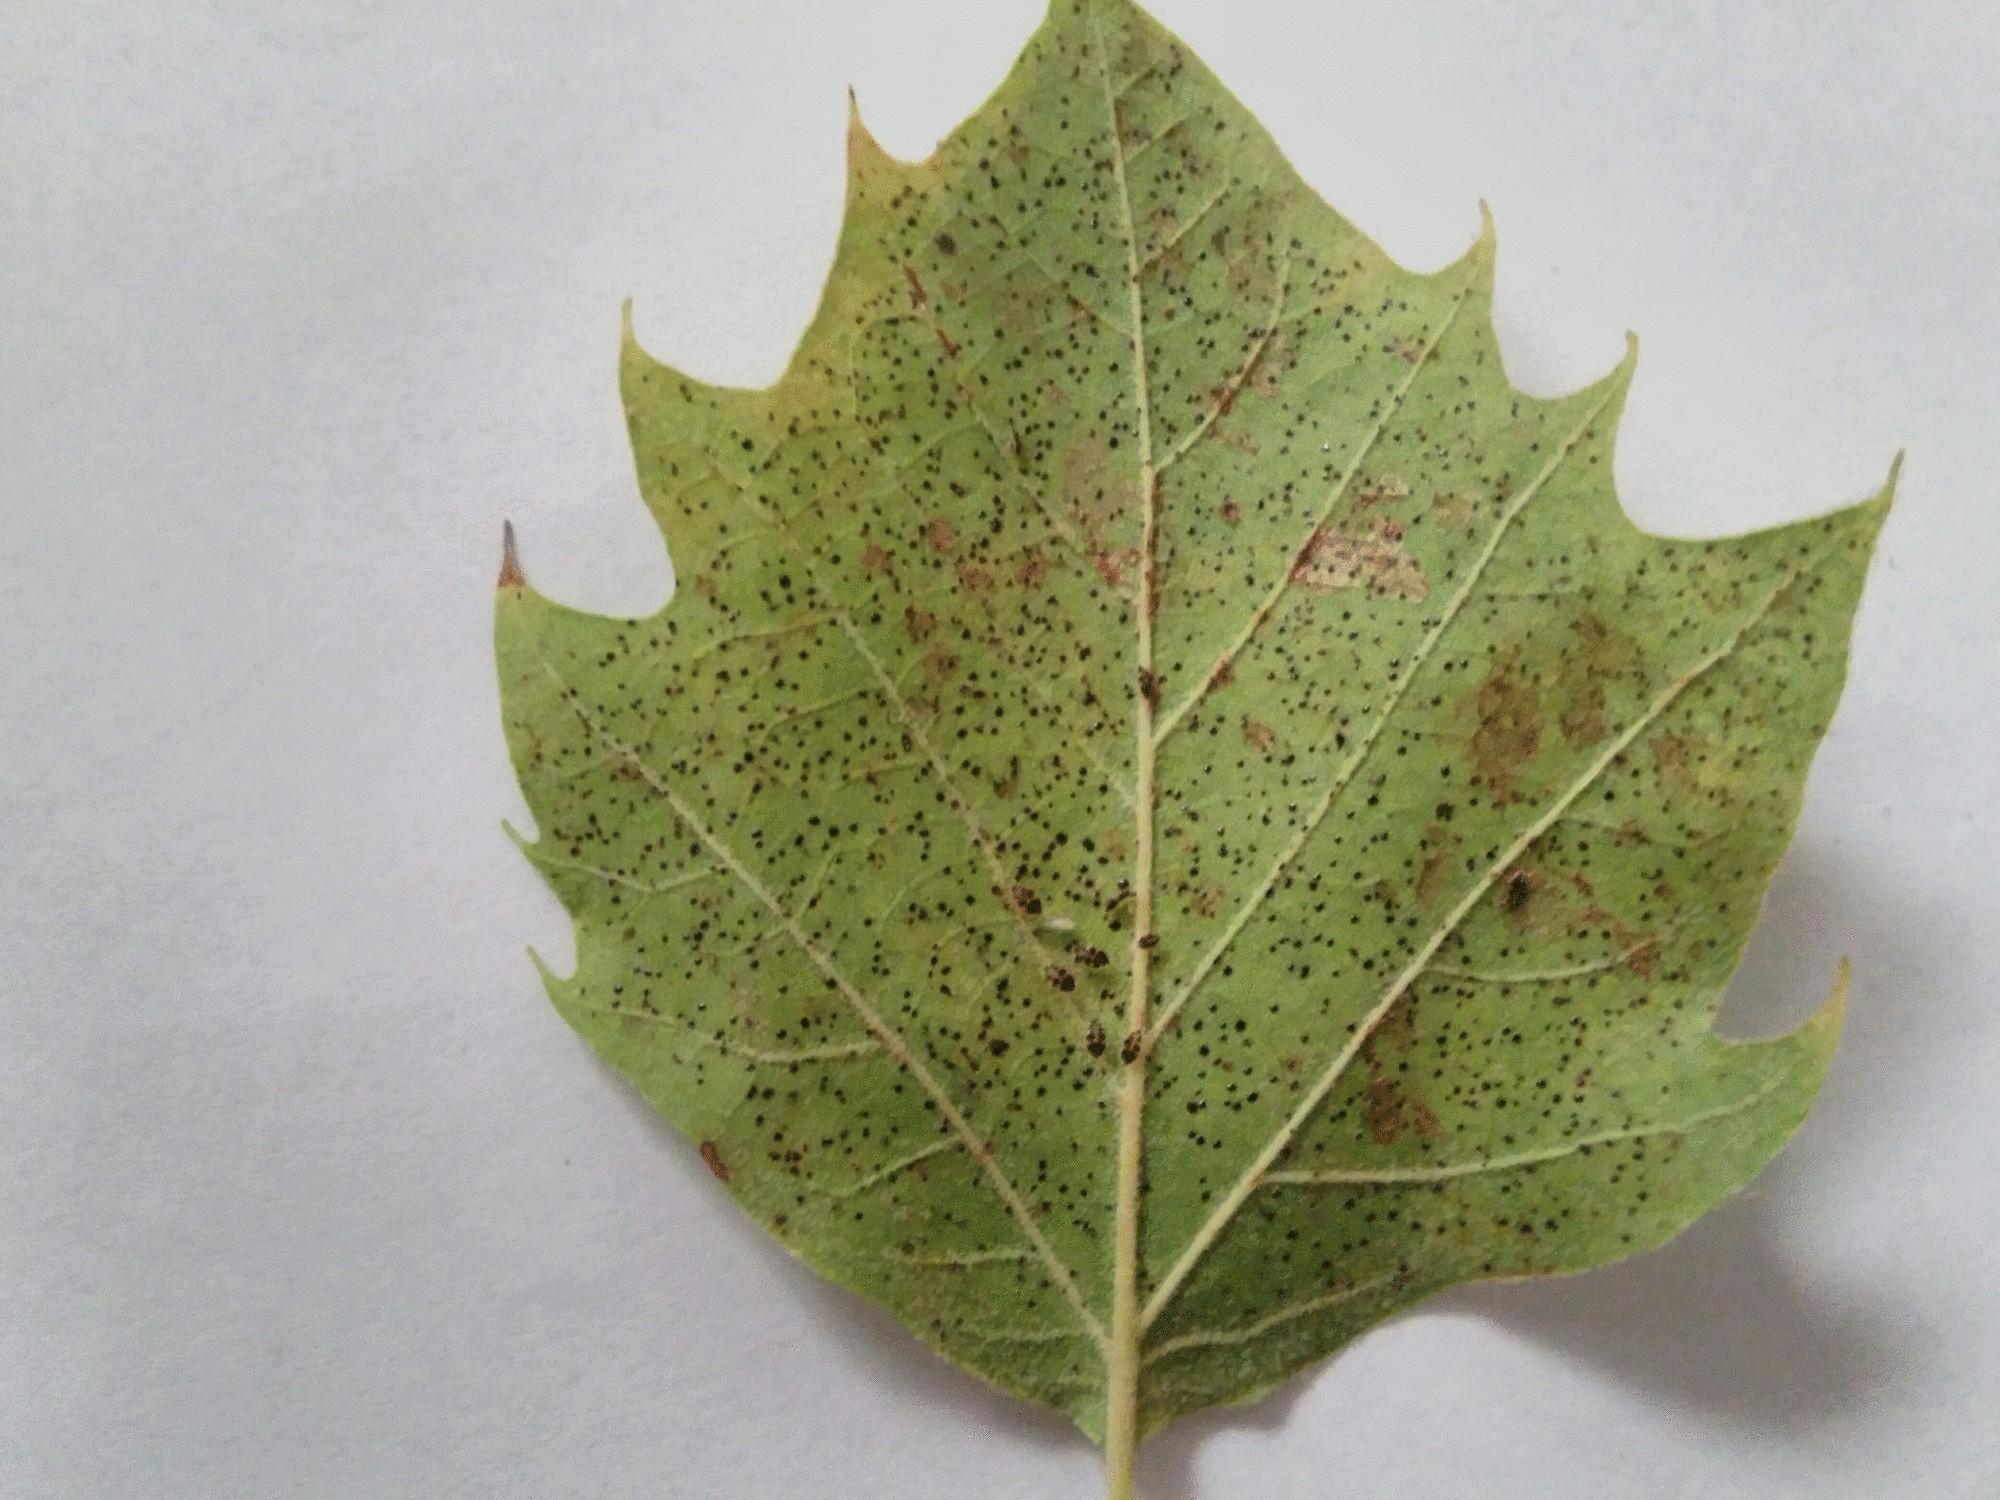 leaf with bugs.jpg